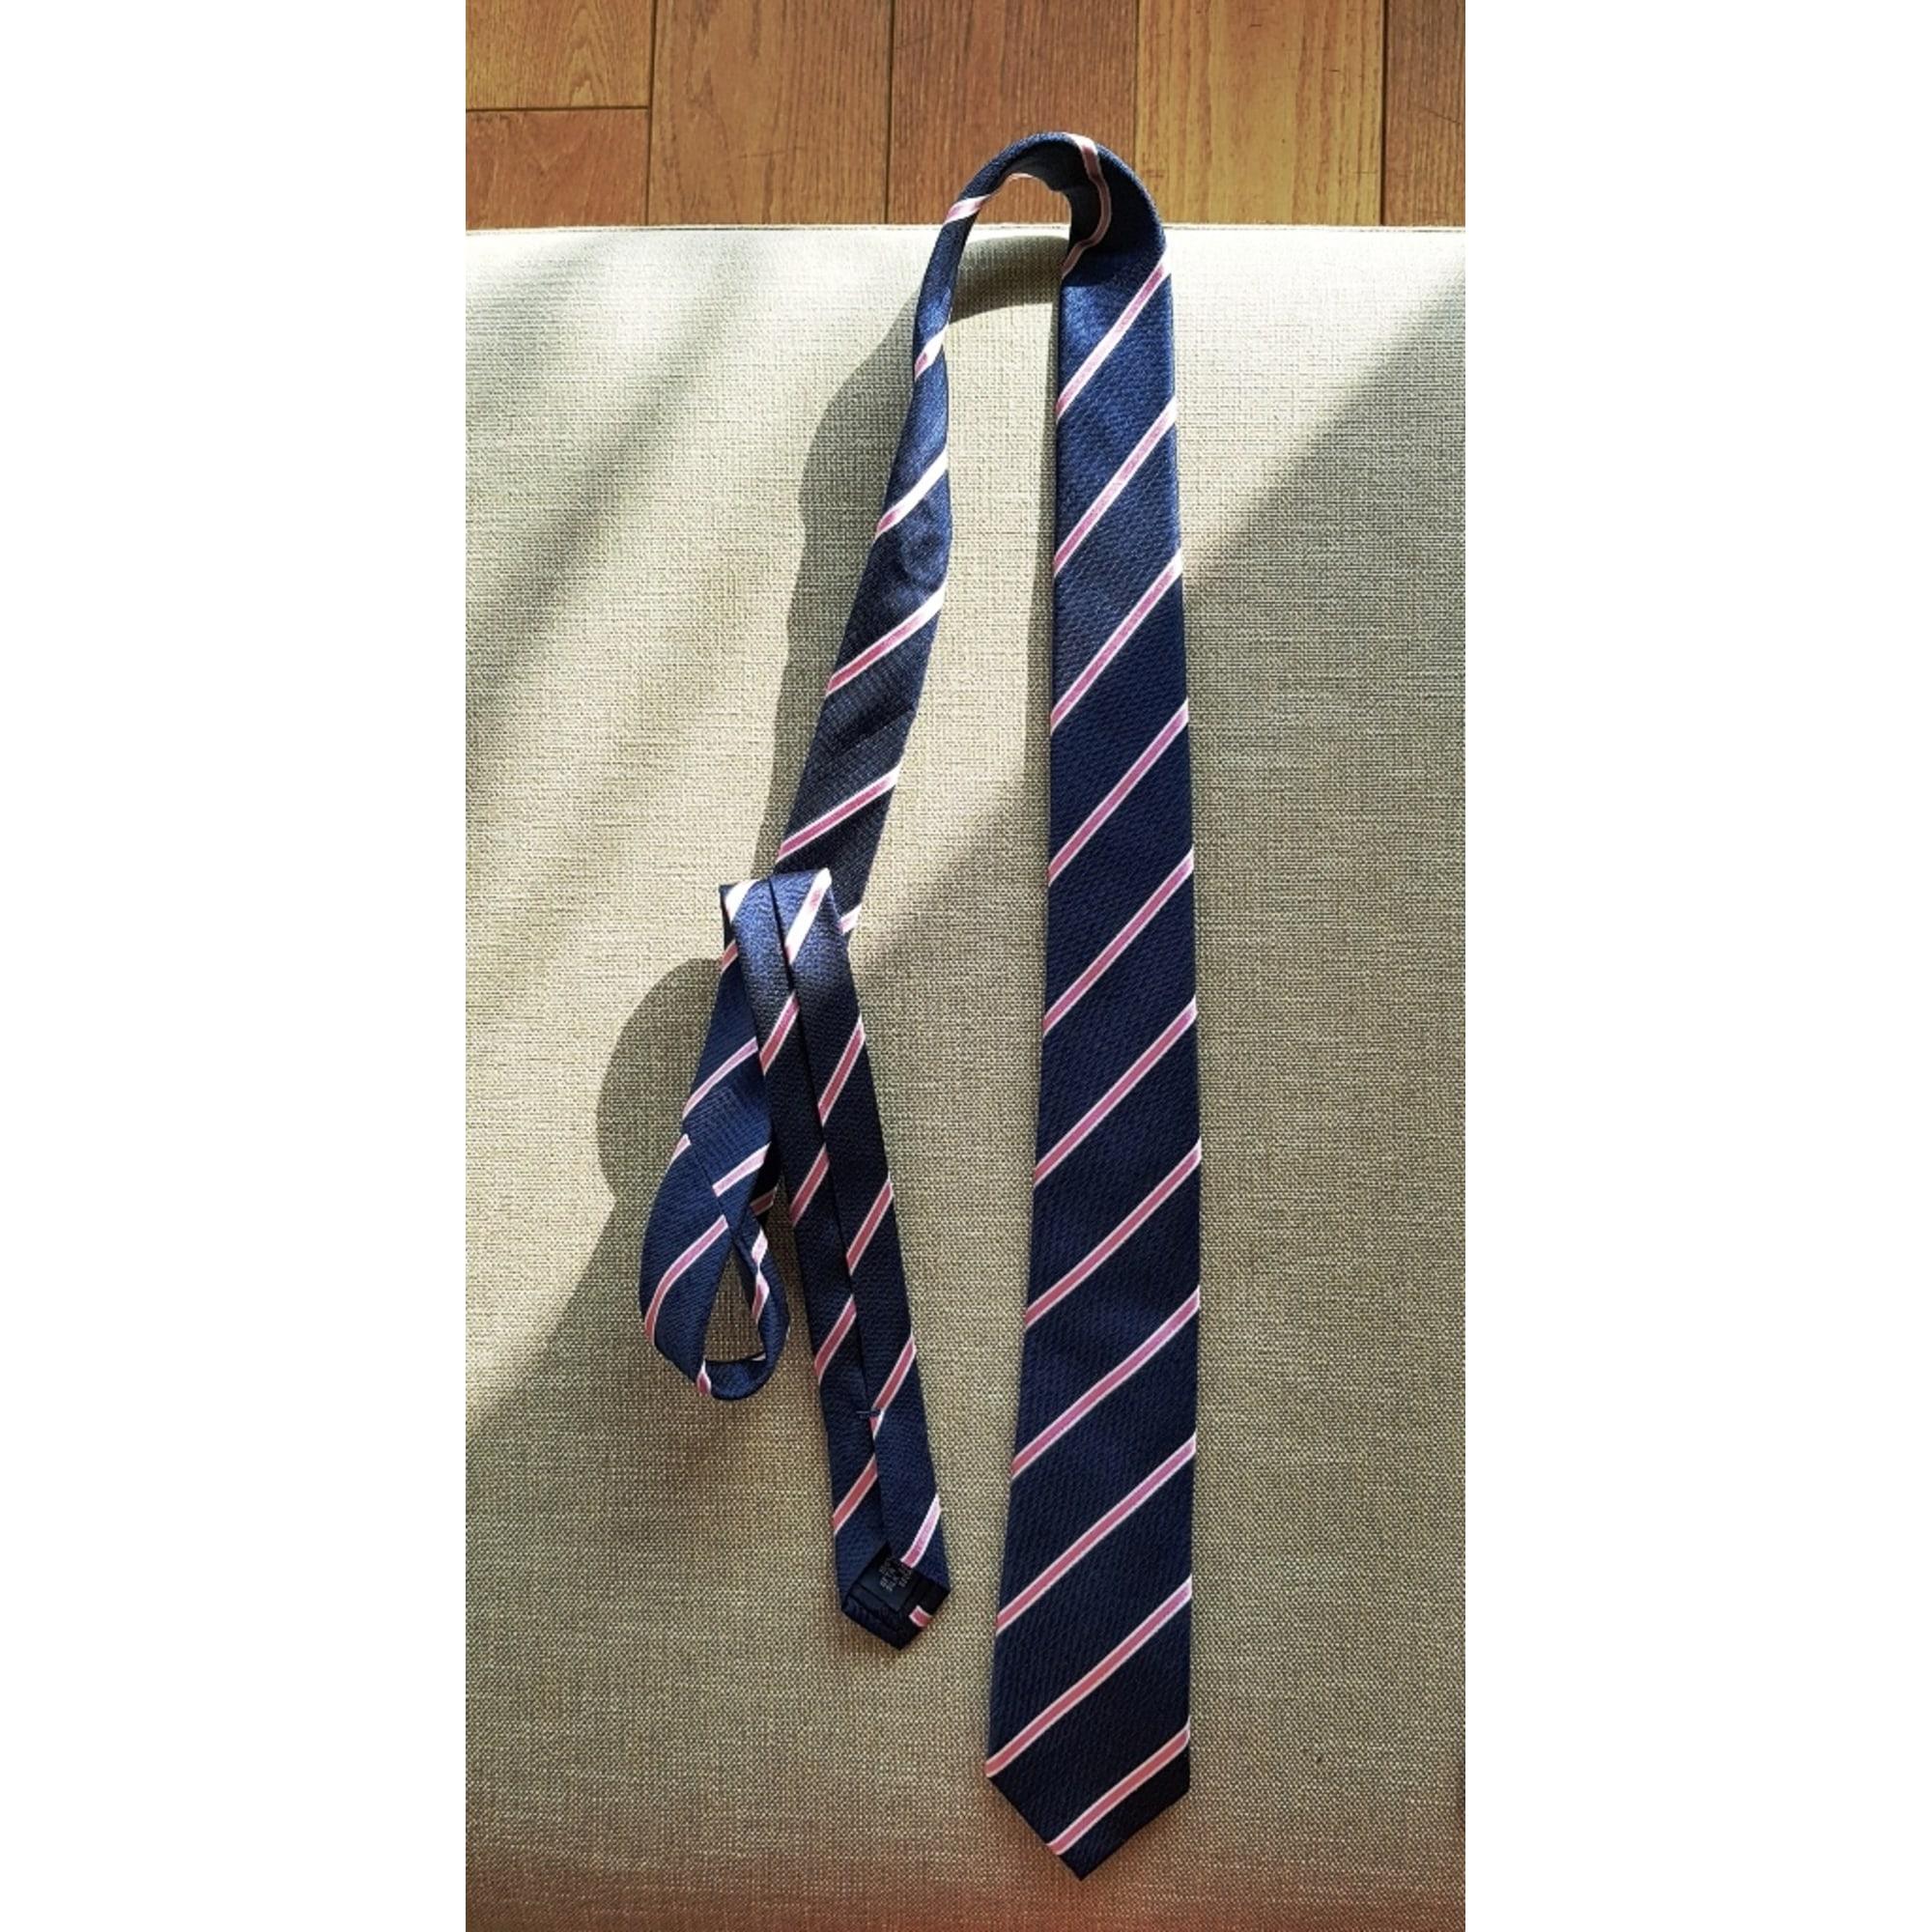 Cravate CAFÉ COTON Bleu, bleu marine, bleu turquoise